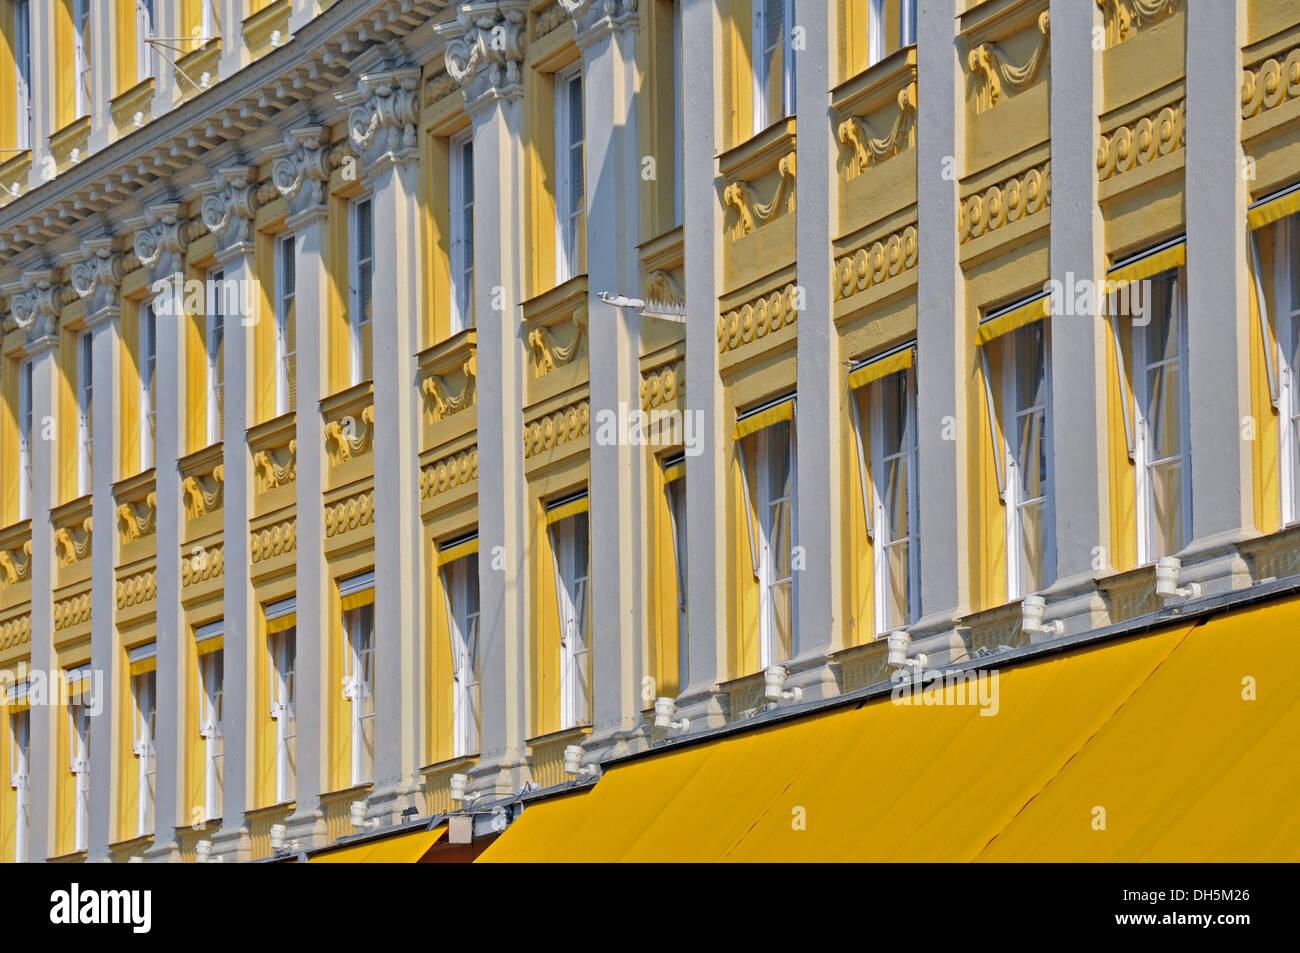 Feinkost Dallmayr delicatessen, Dienerstrasse, old town, Lehel quarter, Munich, Bavaria - Stock Image